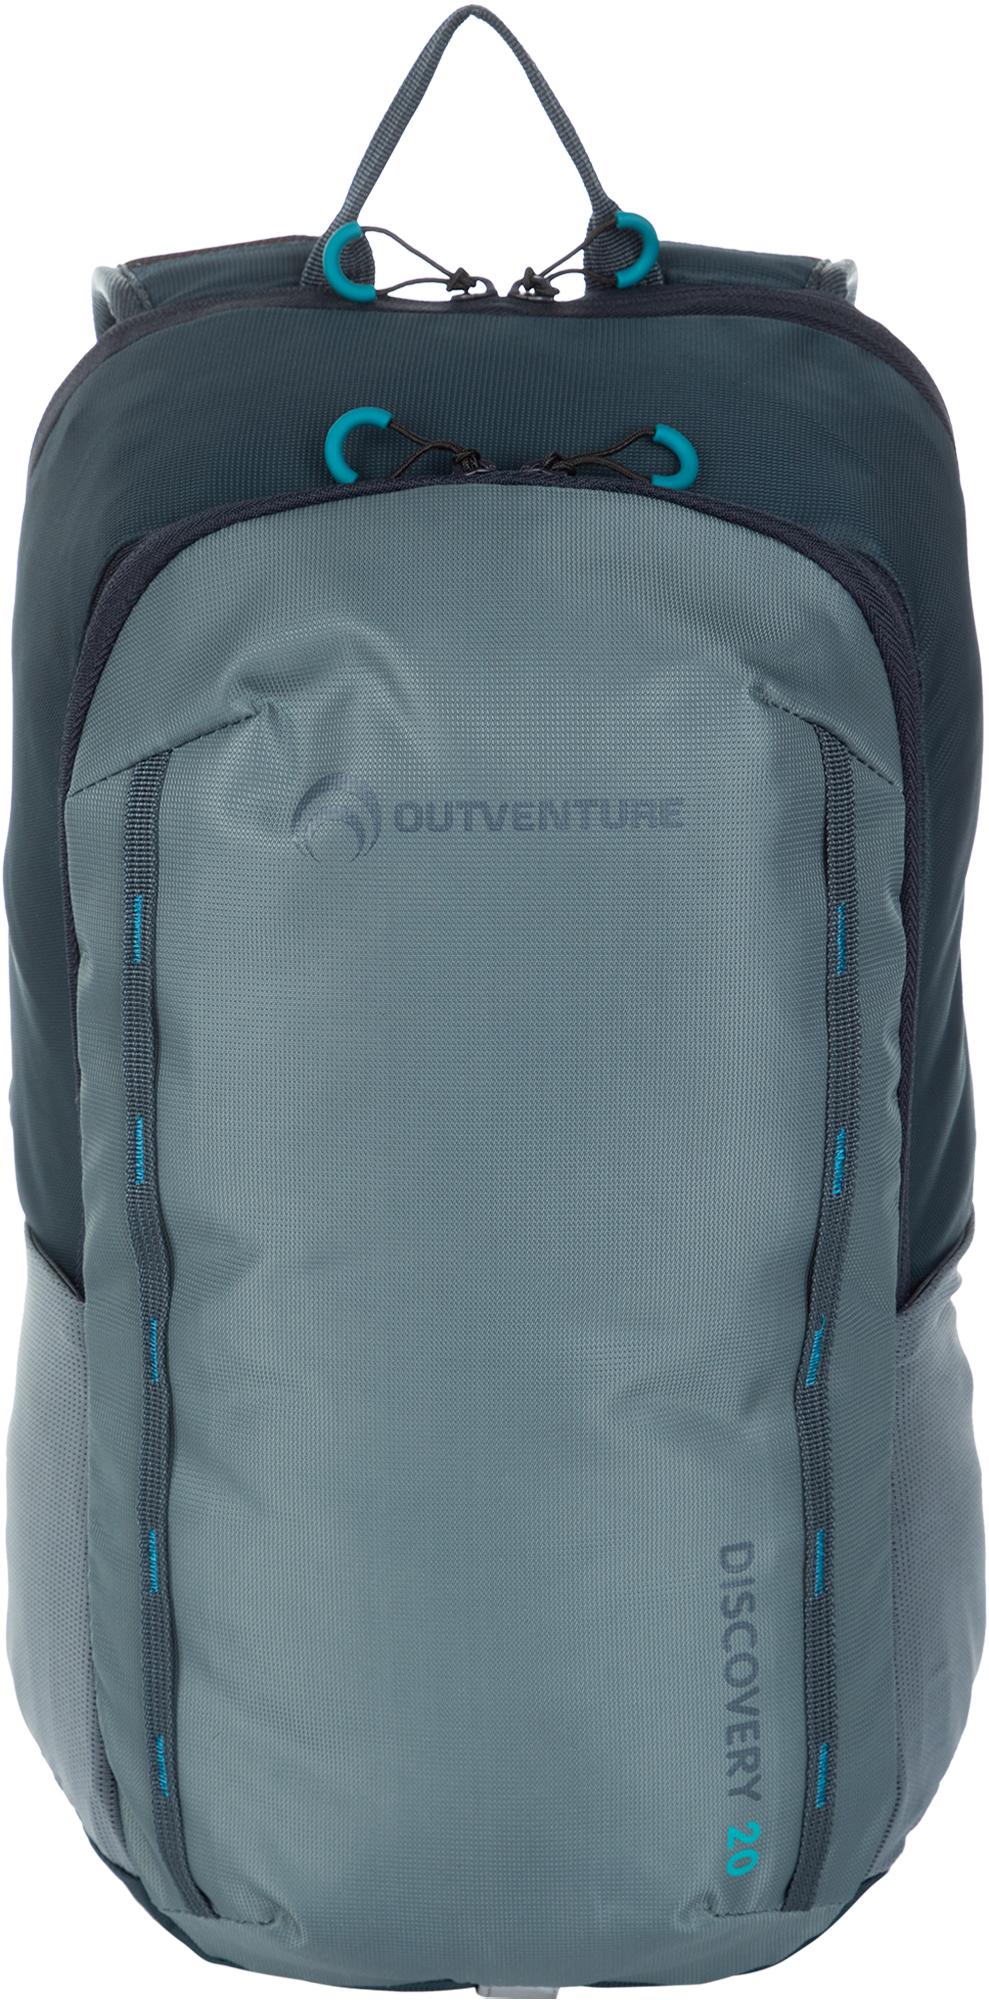 Outventure Рюкзак Outventure Discovery 20